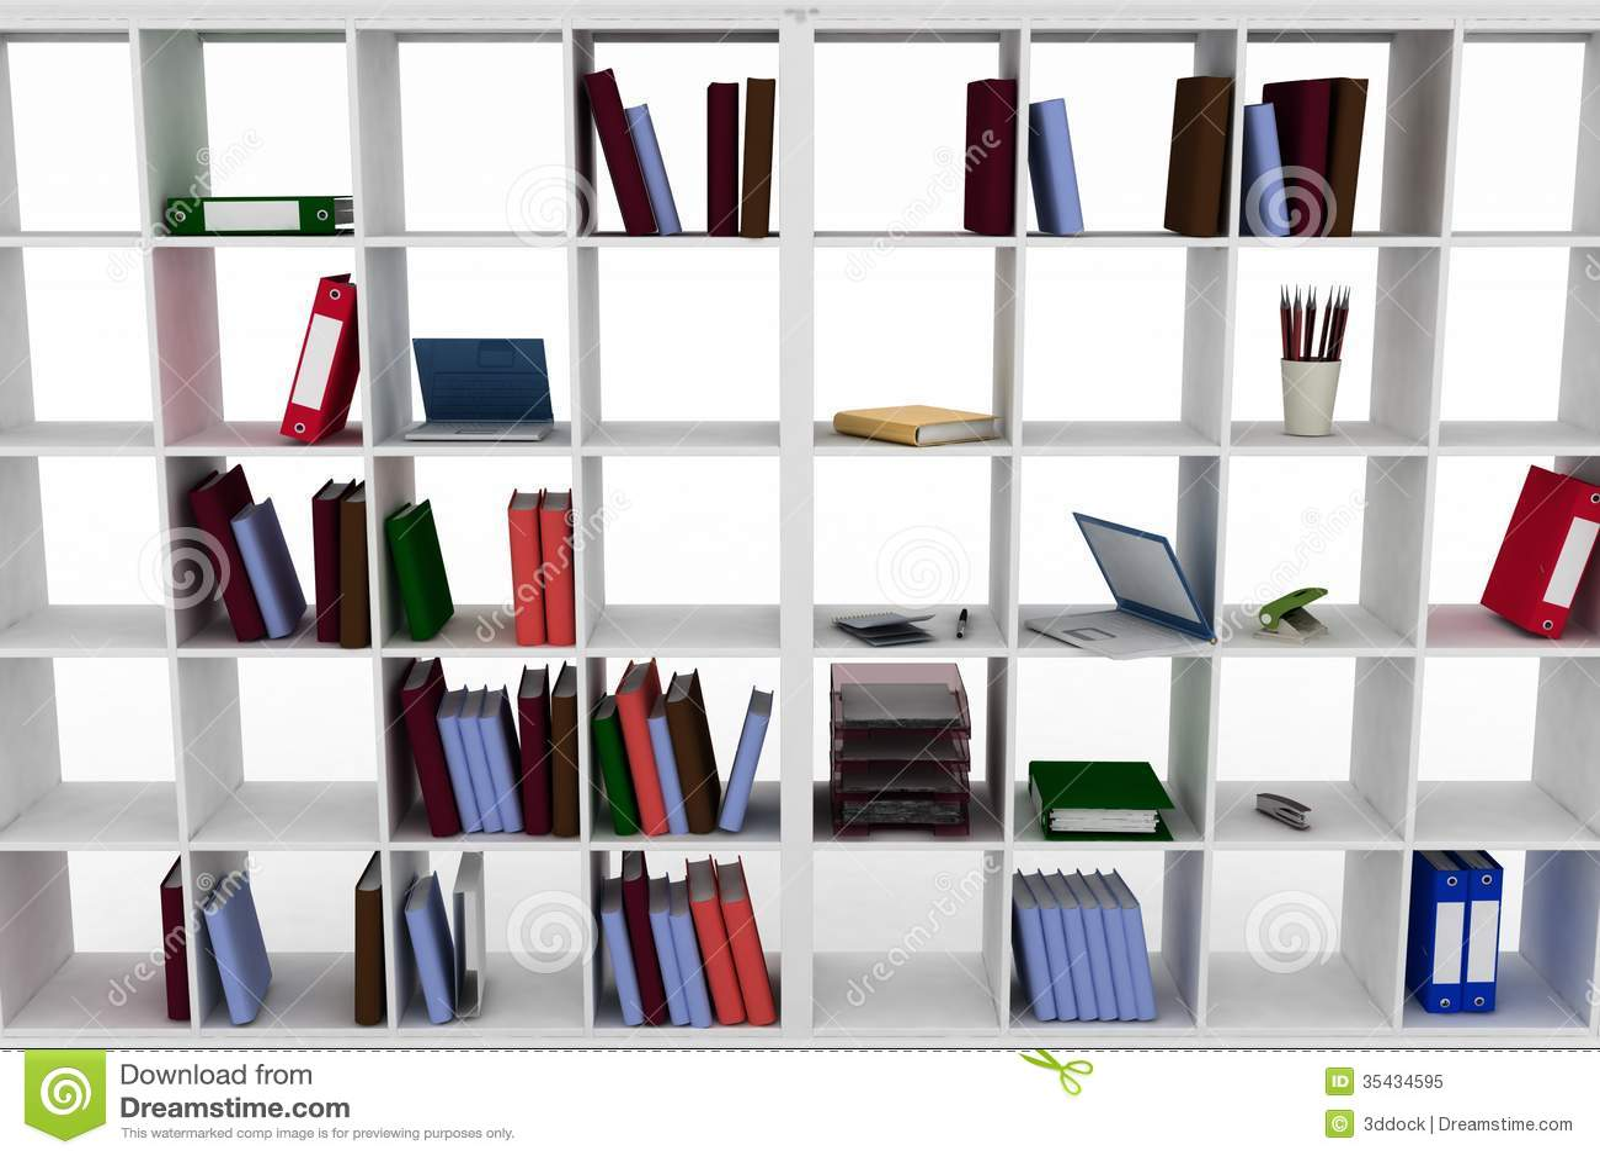 L 39 armadietto semplice con l 39 ufficio obietta sugli scaffali for Scaffali da ufficio